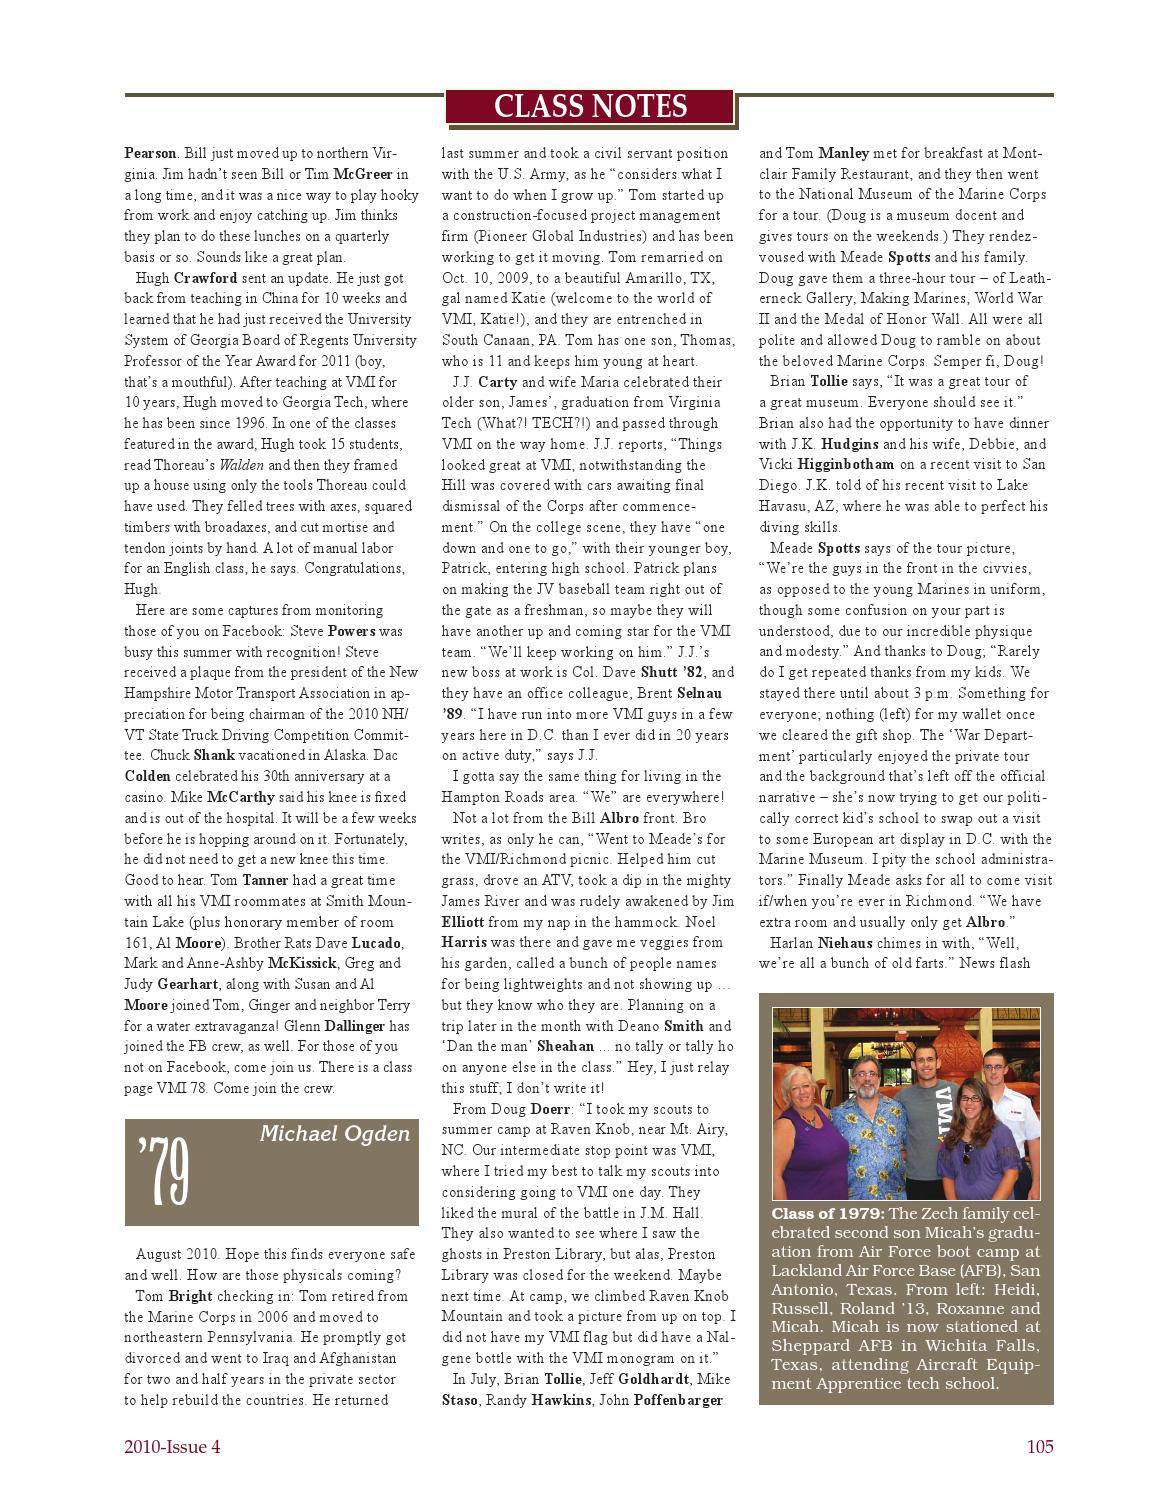 Alumni Review 2010 Issue 4 by VMI Alumni Agencies - issuu